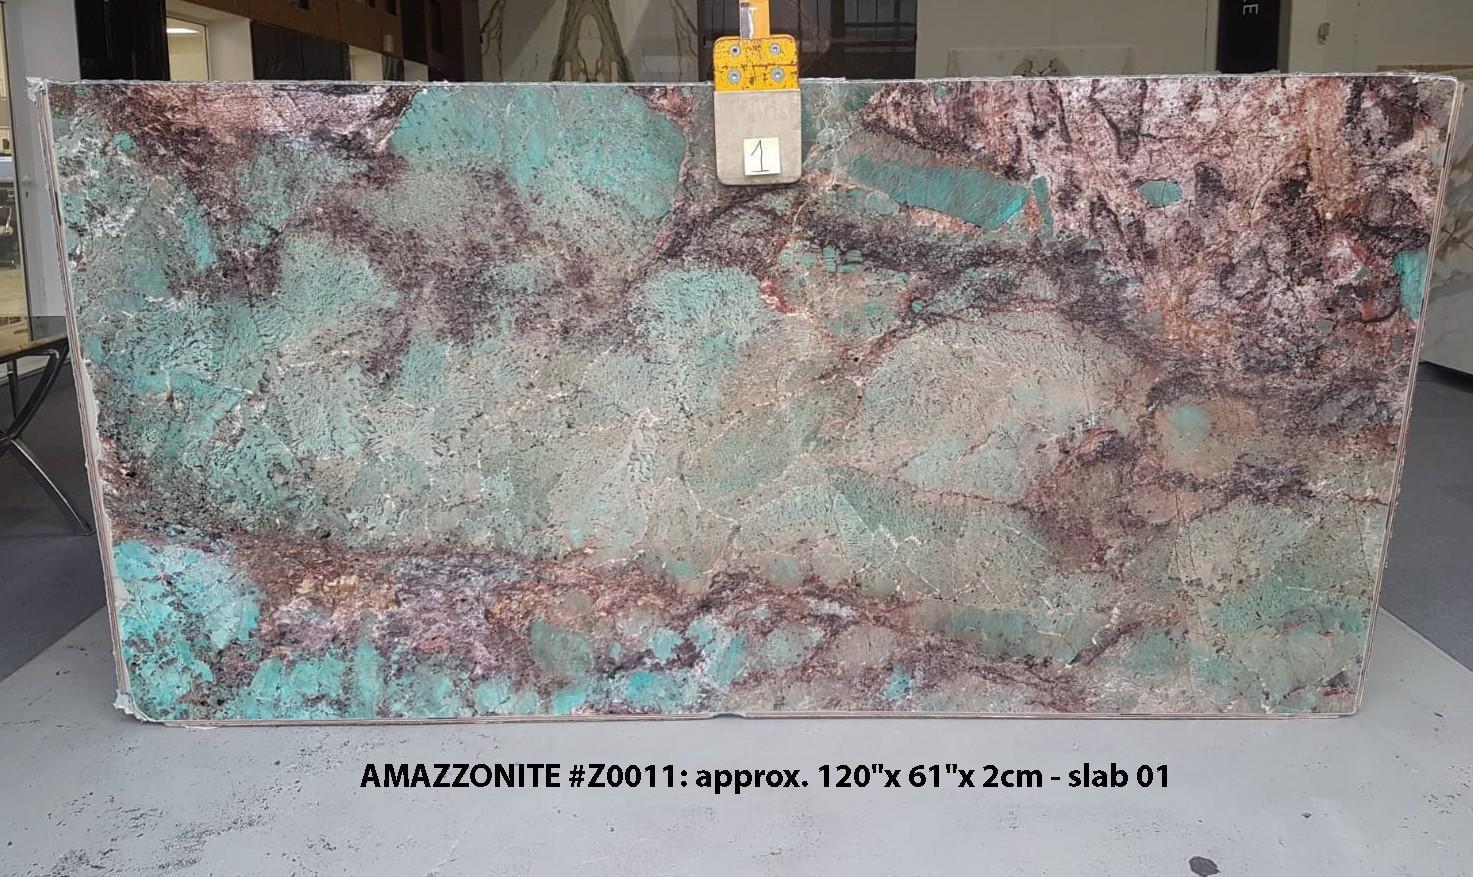 AMAZZONITE Fornitura Veneto (Italia) di lastre grezze lucide in pietra semipreziosa naturale Z0011 , Slab #01